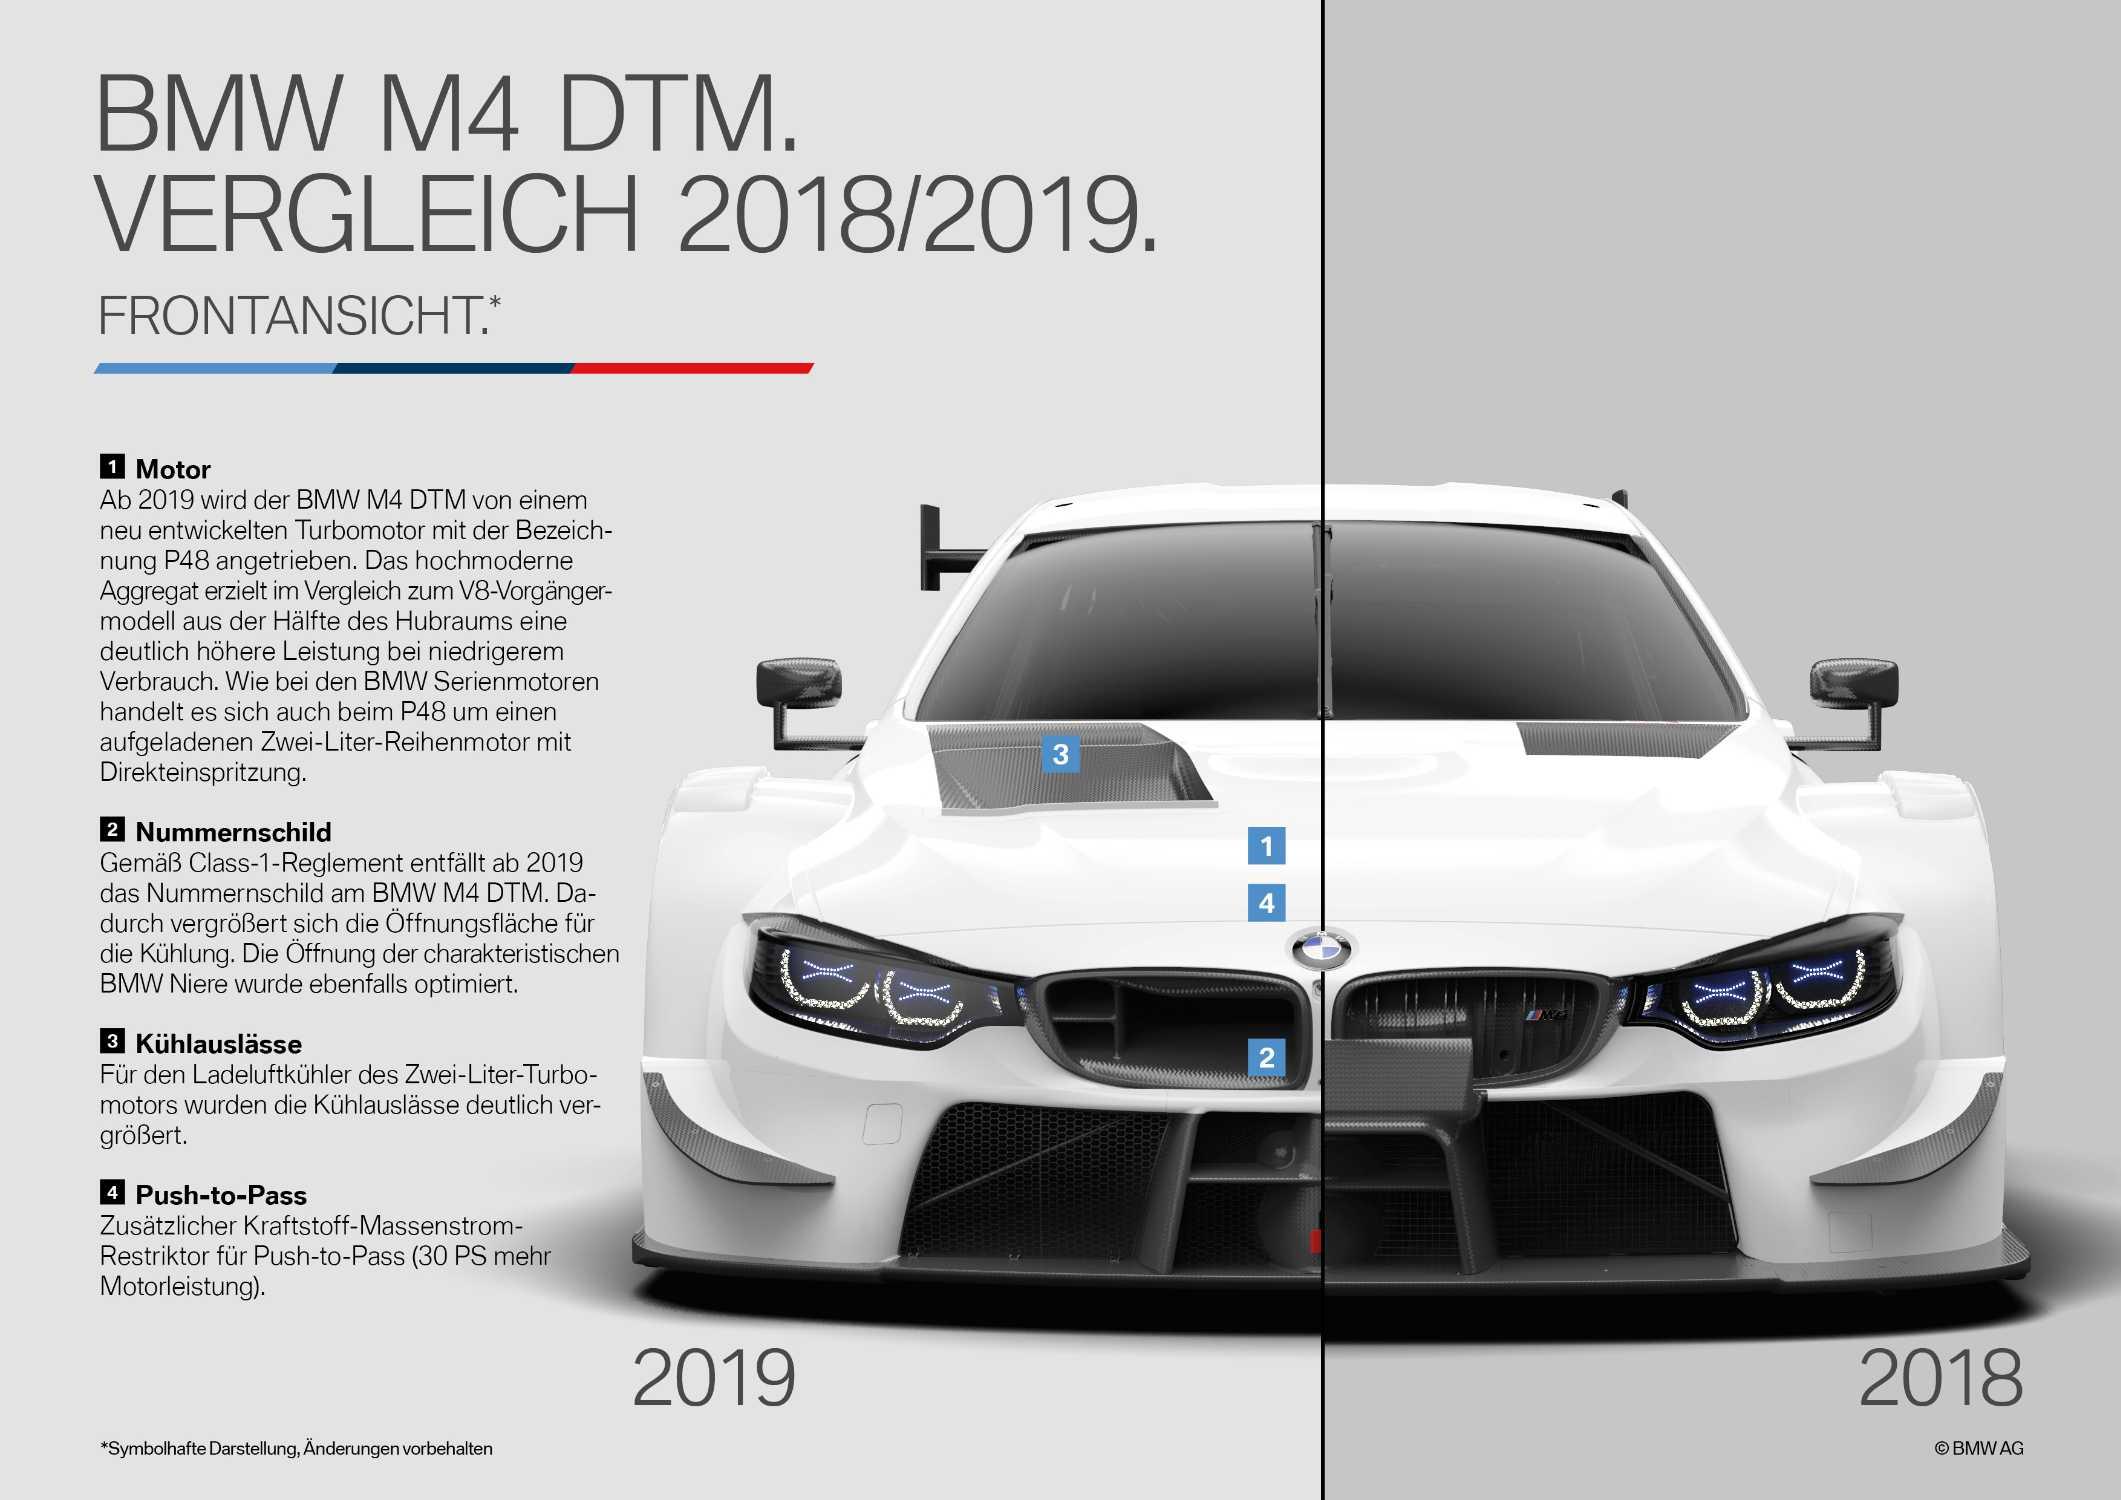 Bmw M4 Dtm Comparison 2018 2019